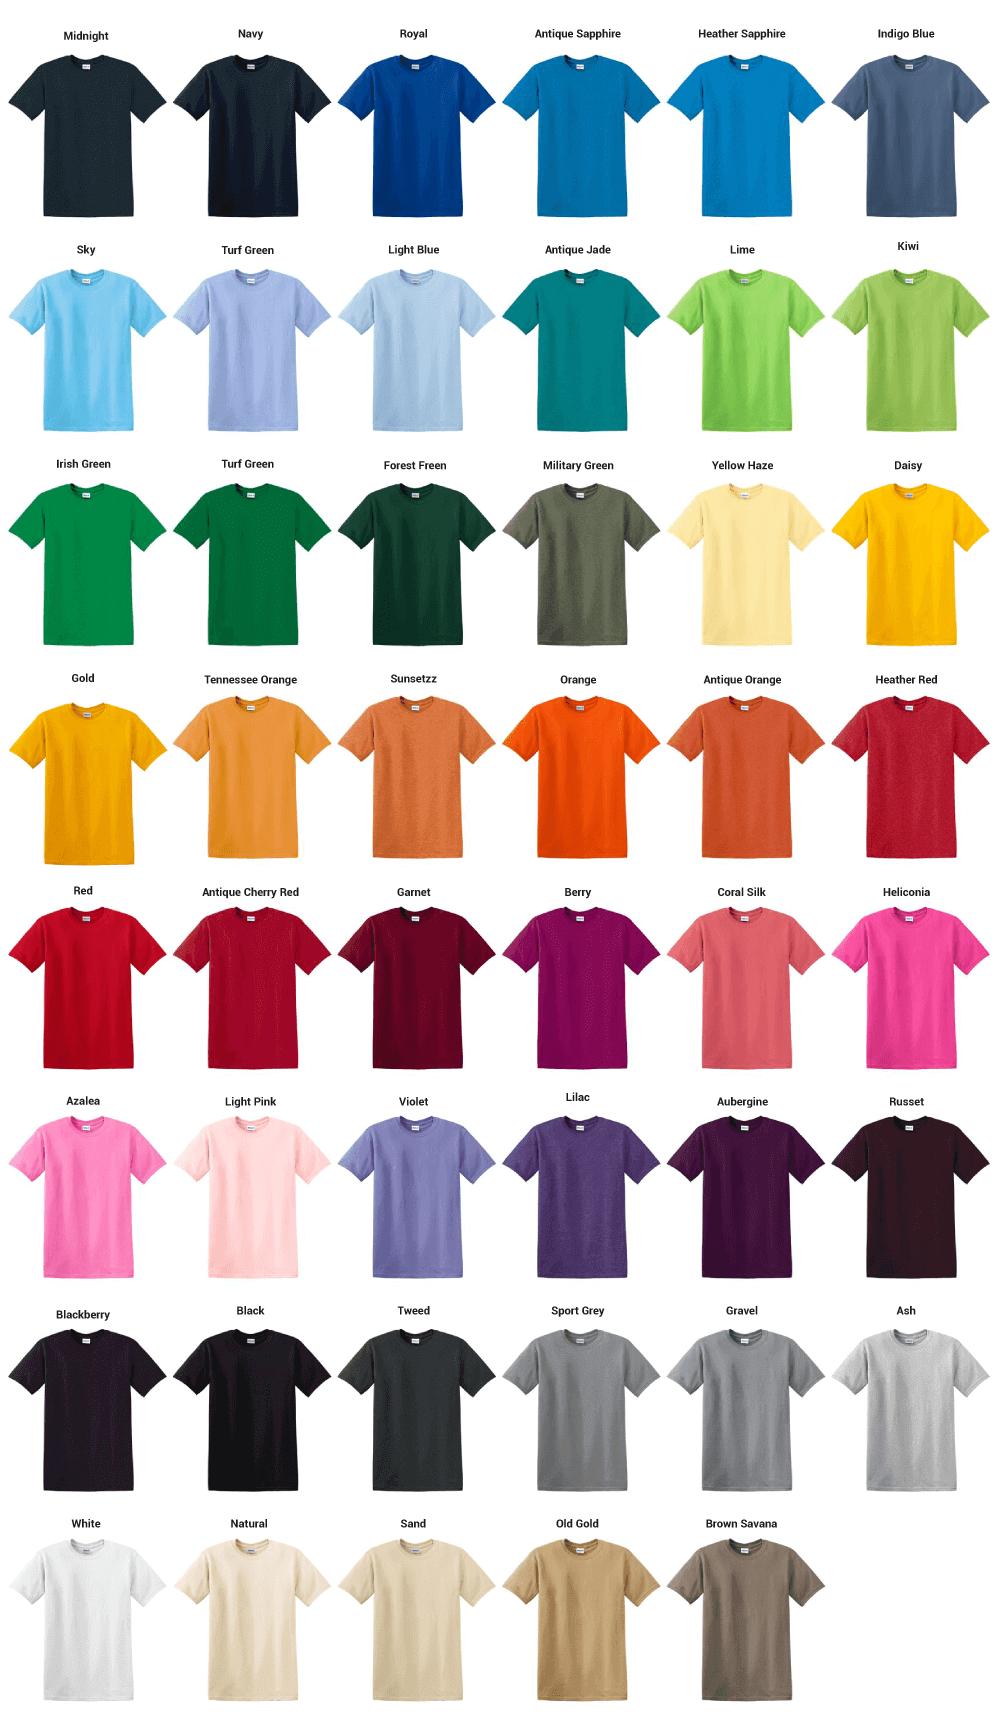 c3c3f348de Egyedi póló készítés, reklám pólók, céges póló tervezése? Pólóműhely ...